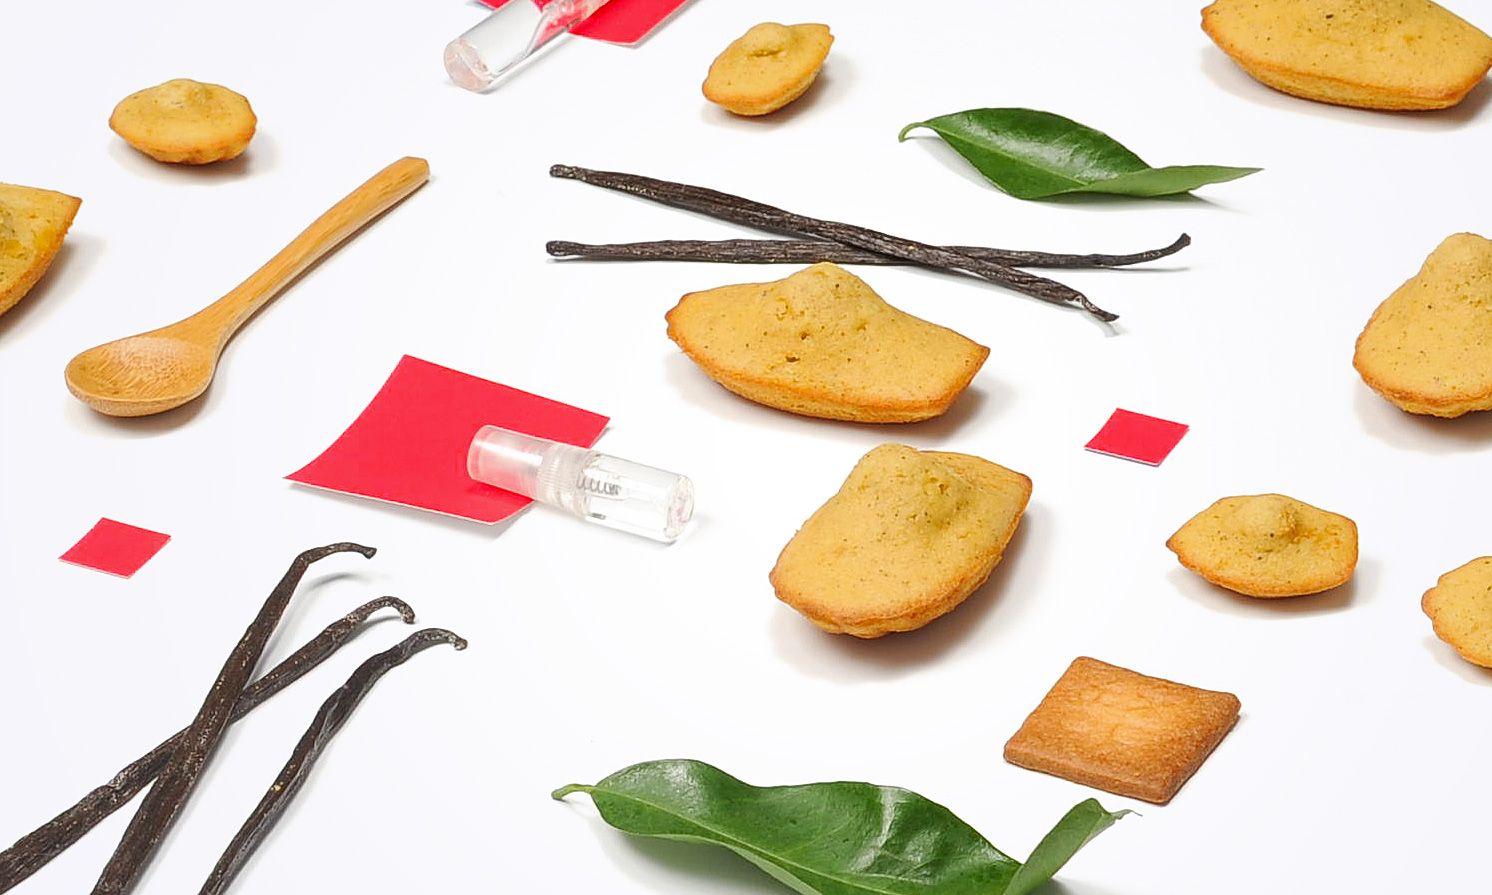 Kubo-pâtisserie - Une expérience olfacto-culinaire unique.